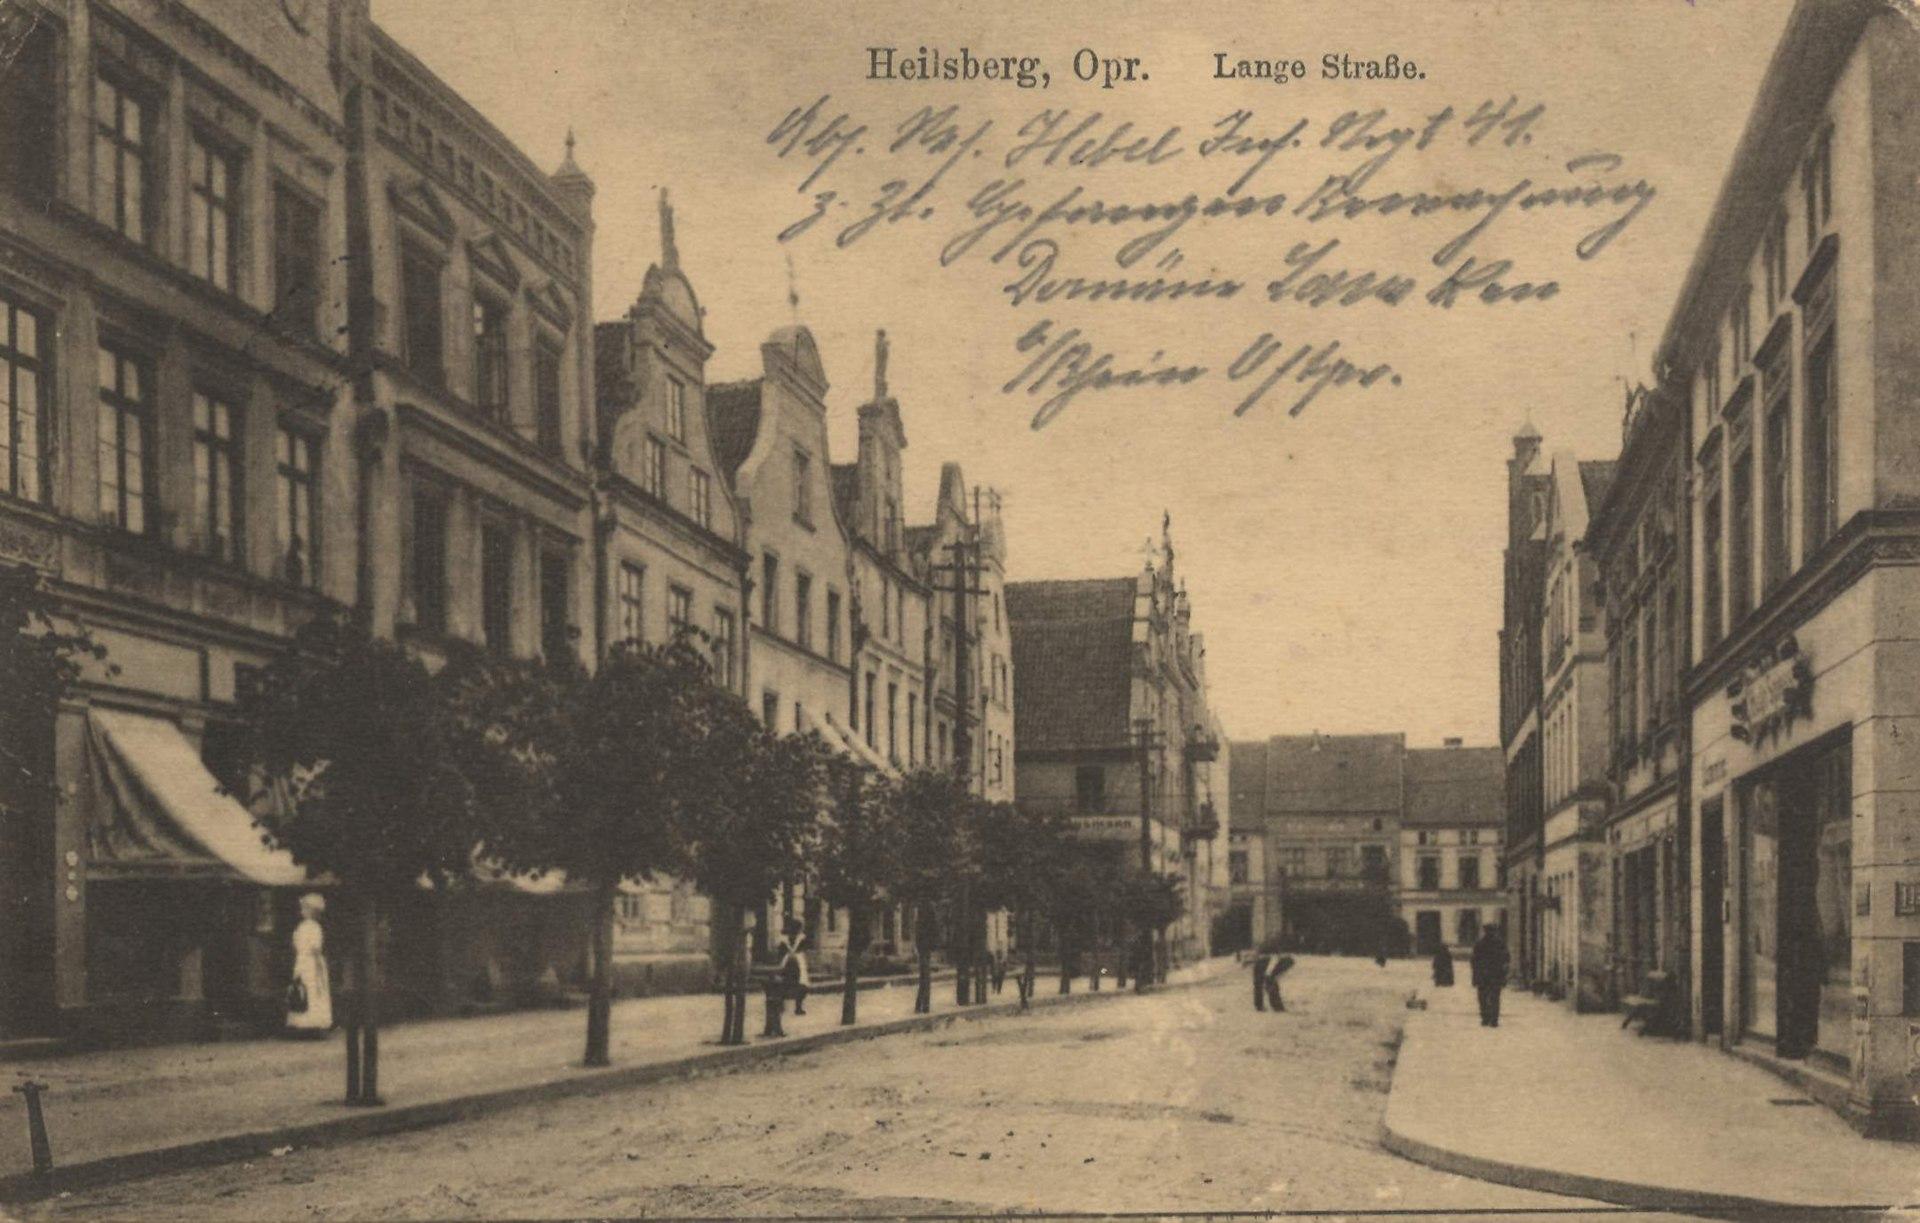 Heilsberg, Ostpreußen - Lange Straße (Zeno Ansichtskarten).jpg